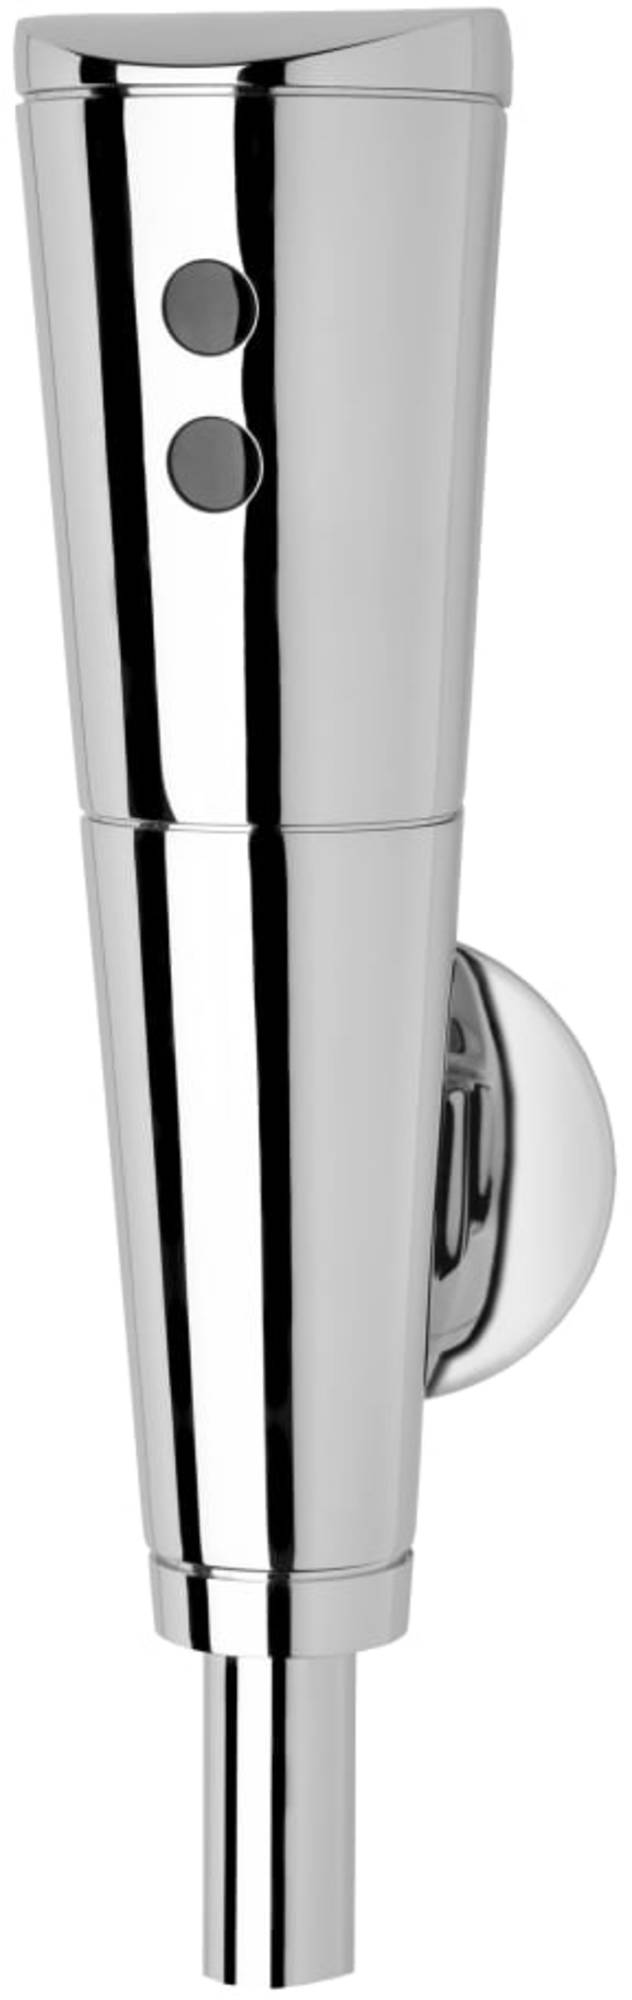 Aqua protronic urinoirspoeler opto-elektronisch gestuurd 1-2 opbouw chroom